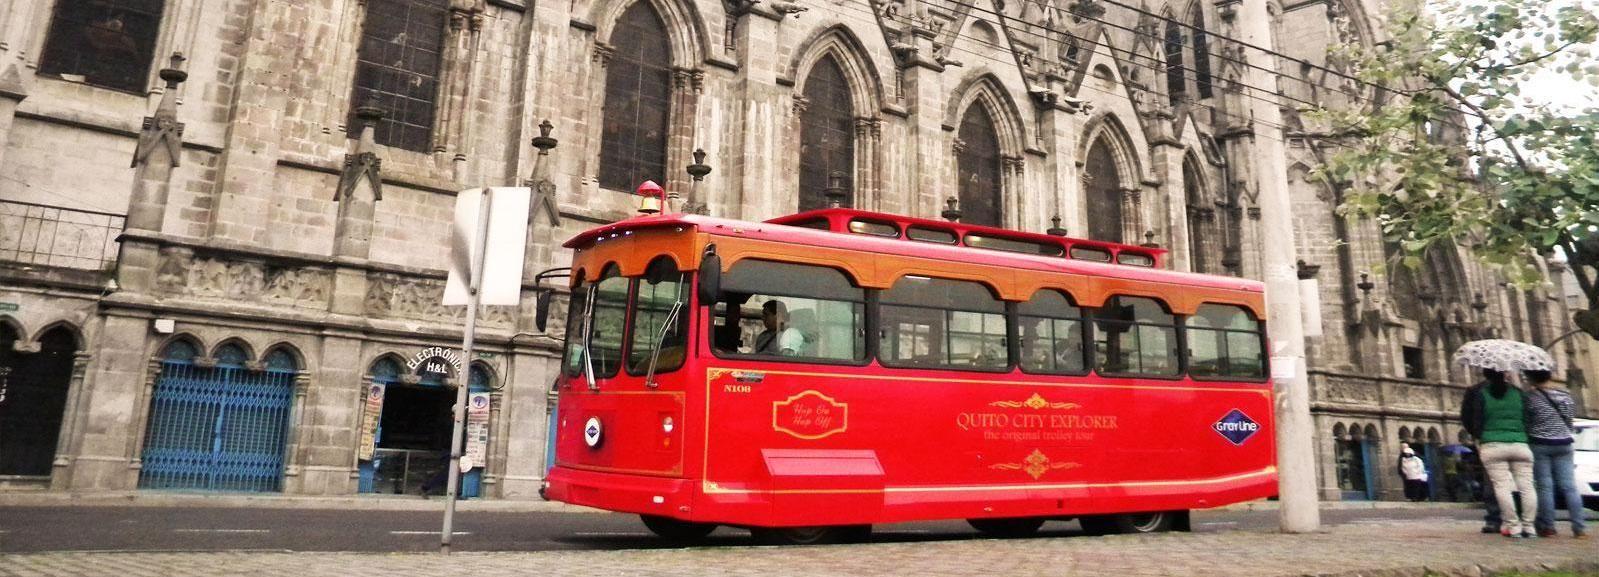 Quito: 1914 Original Trolley City Tour